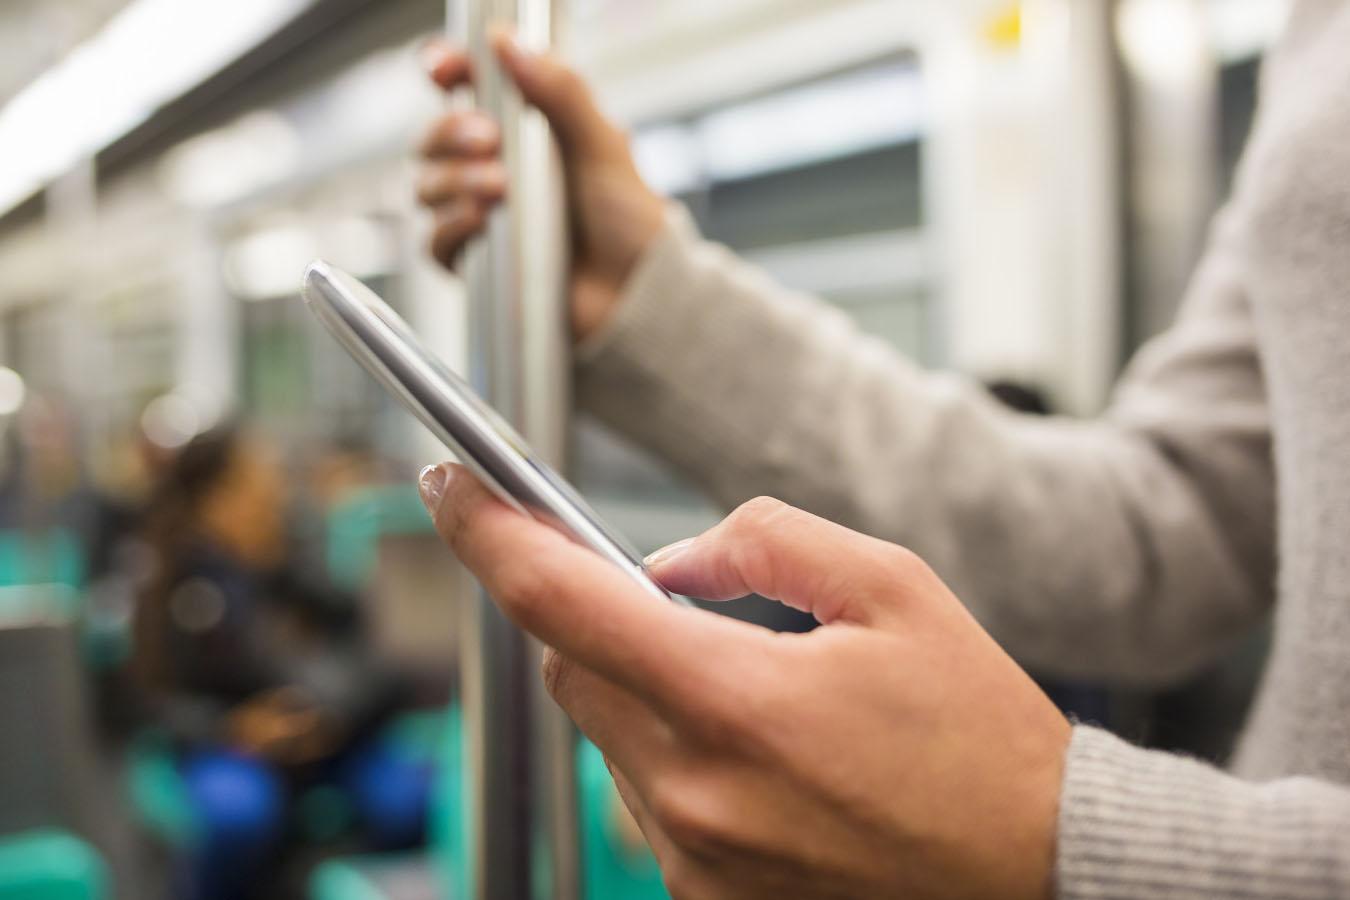 Билайн в три раза увеличил покрытие сети в тоннелях метро Санкт-Петербурга